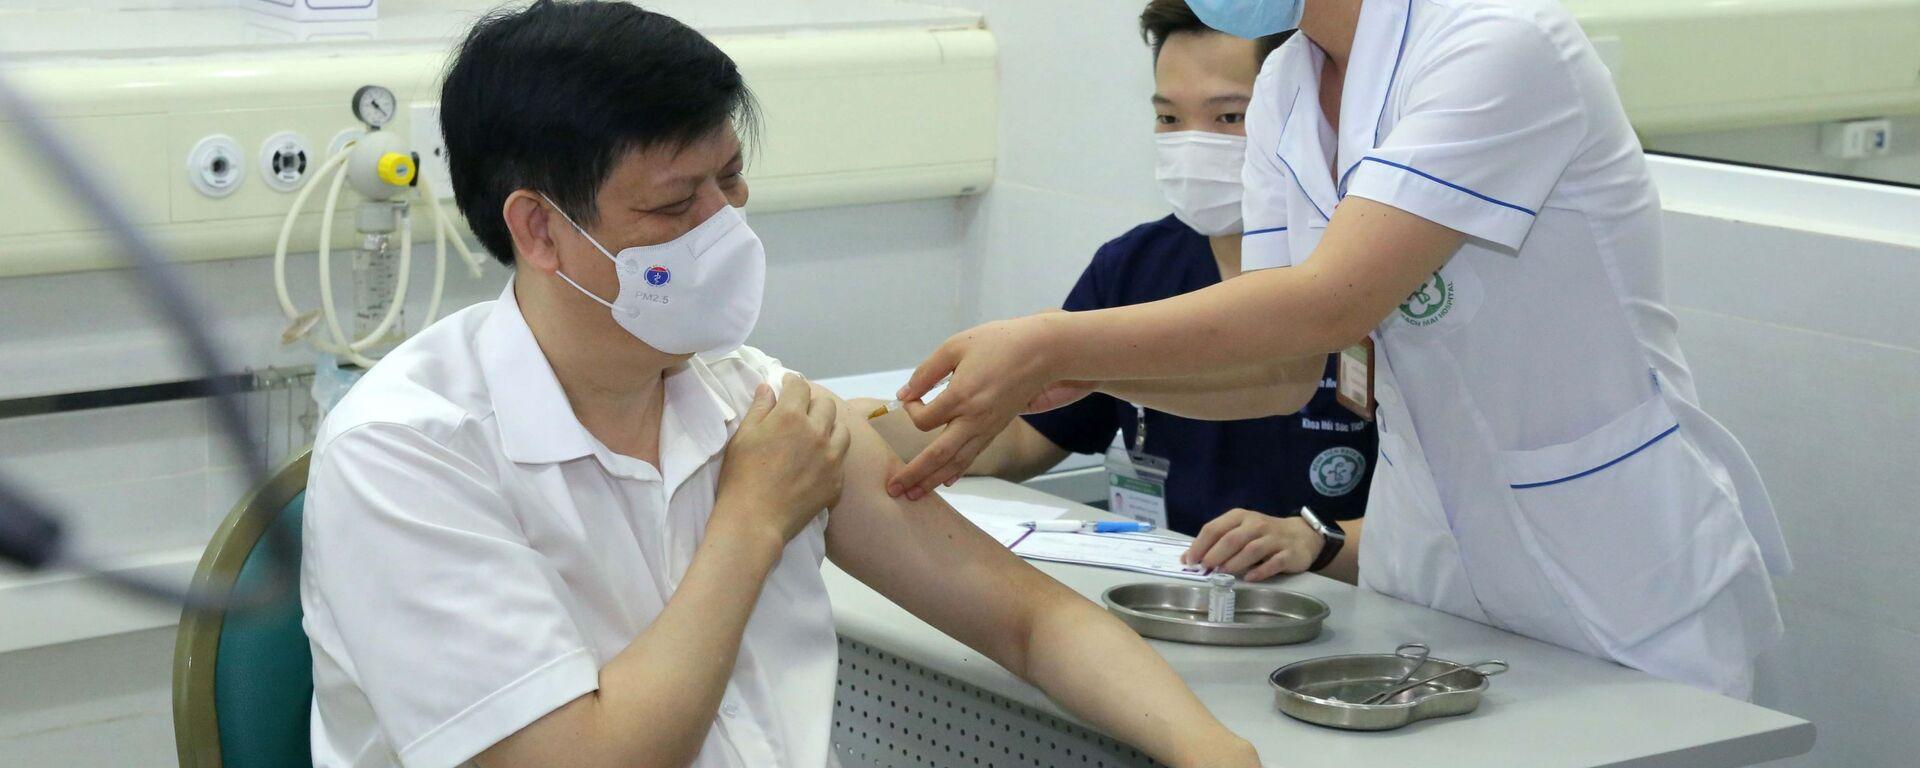 Bộ trưởng Bộ Y tế Nguyễn Thanh Long tiêm vaccine phòng COVID-19 - Sputnik Việt Nam, 1920, 06.05.2021